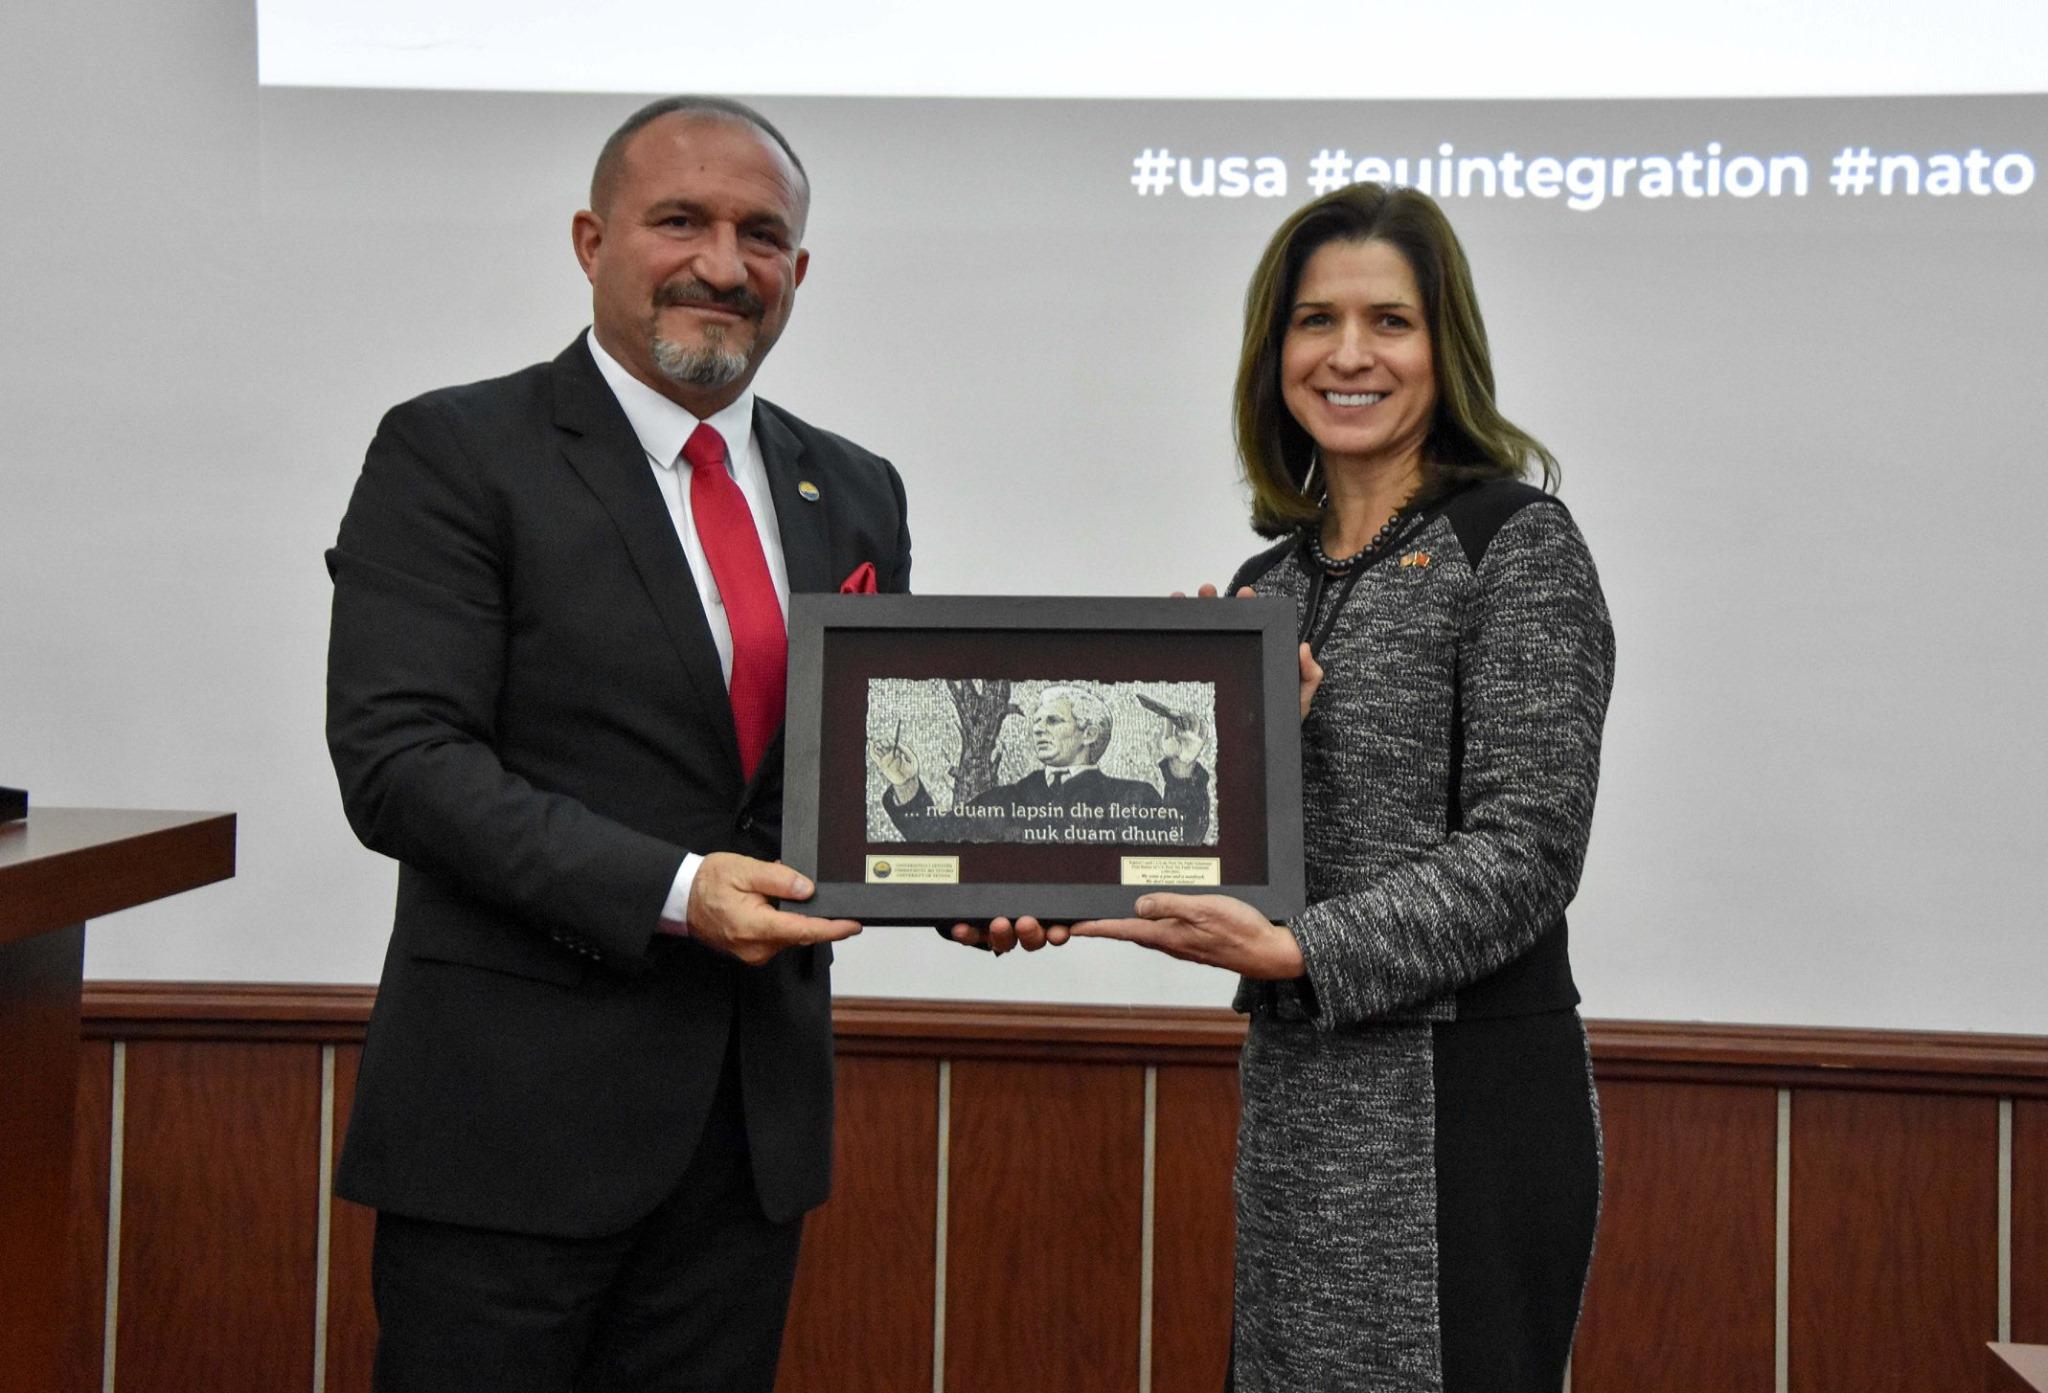 Rektori i  Universitetit të Tetovës, Prof. Dr. Vullnet Ameti priti ambasadoren e SHBA-ve, Kate Marie Byrnes